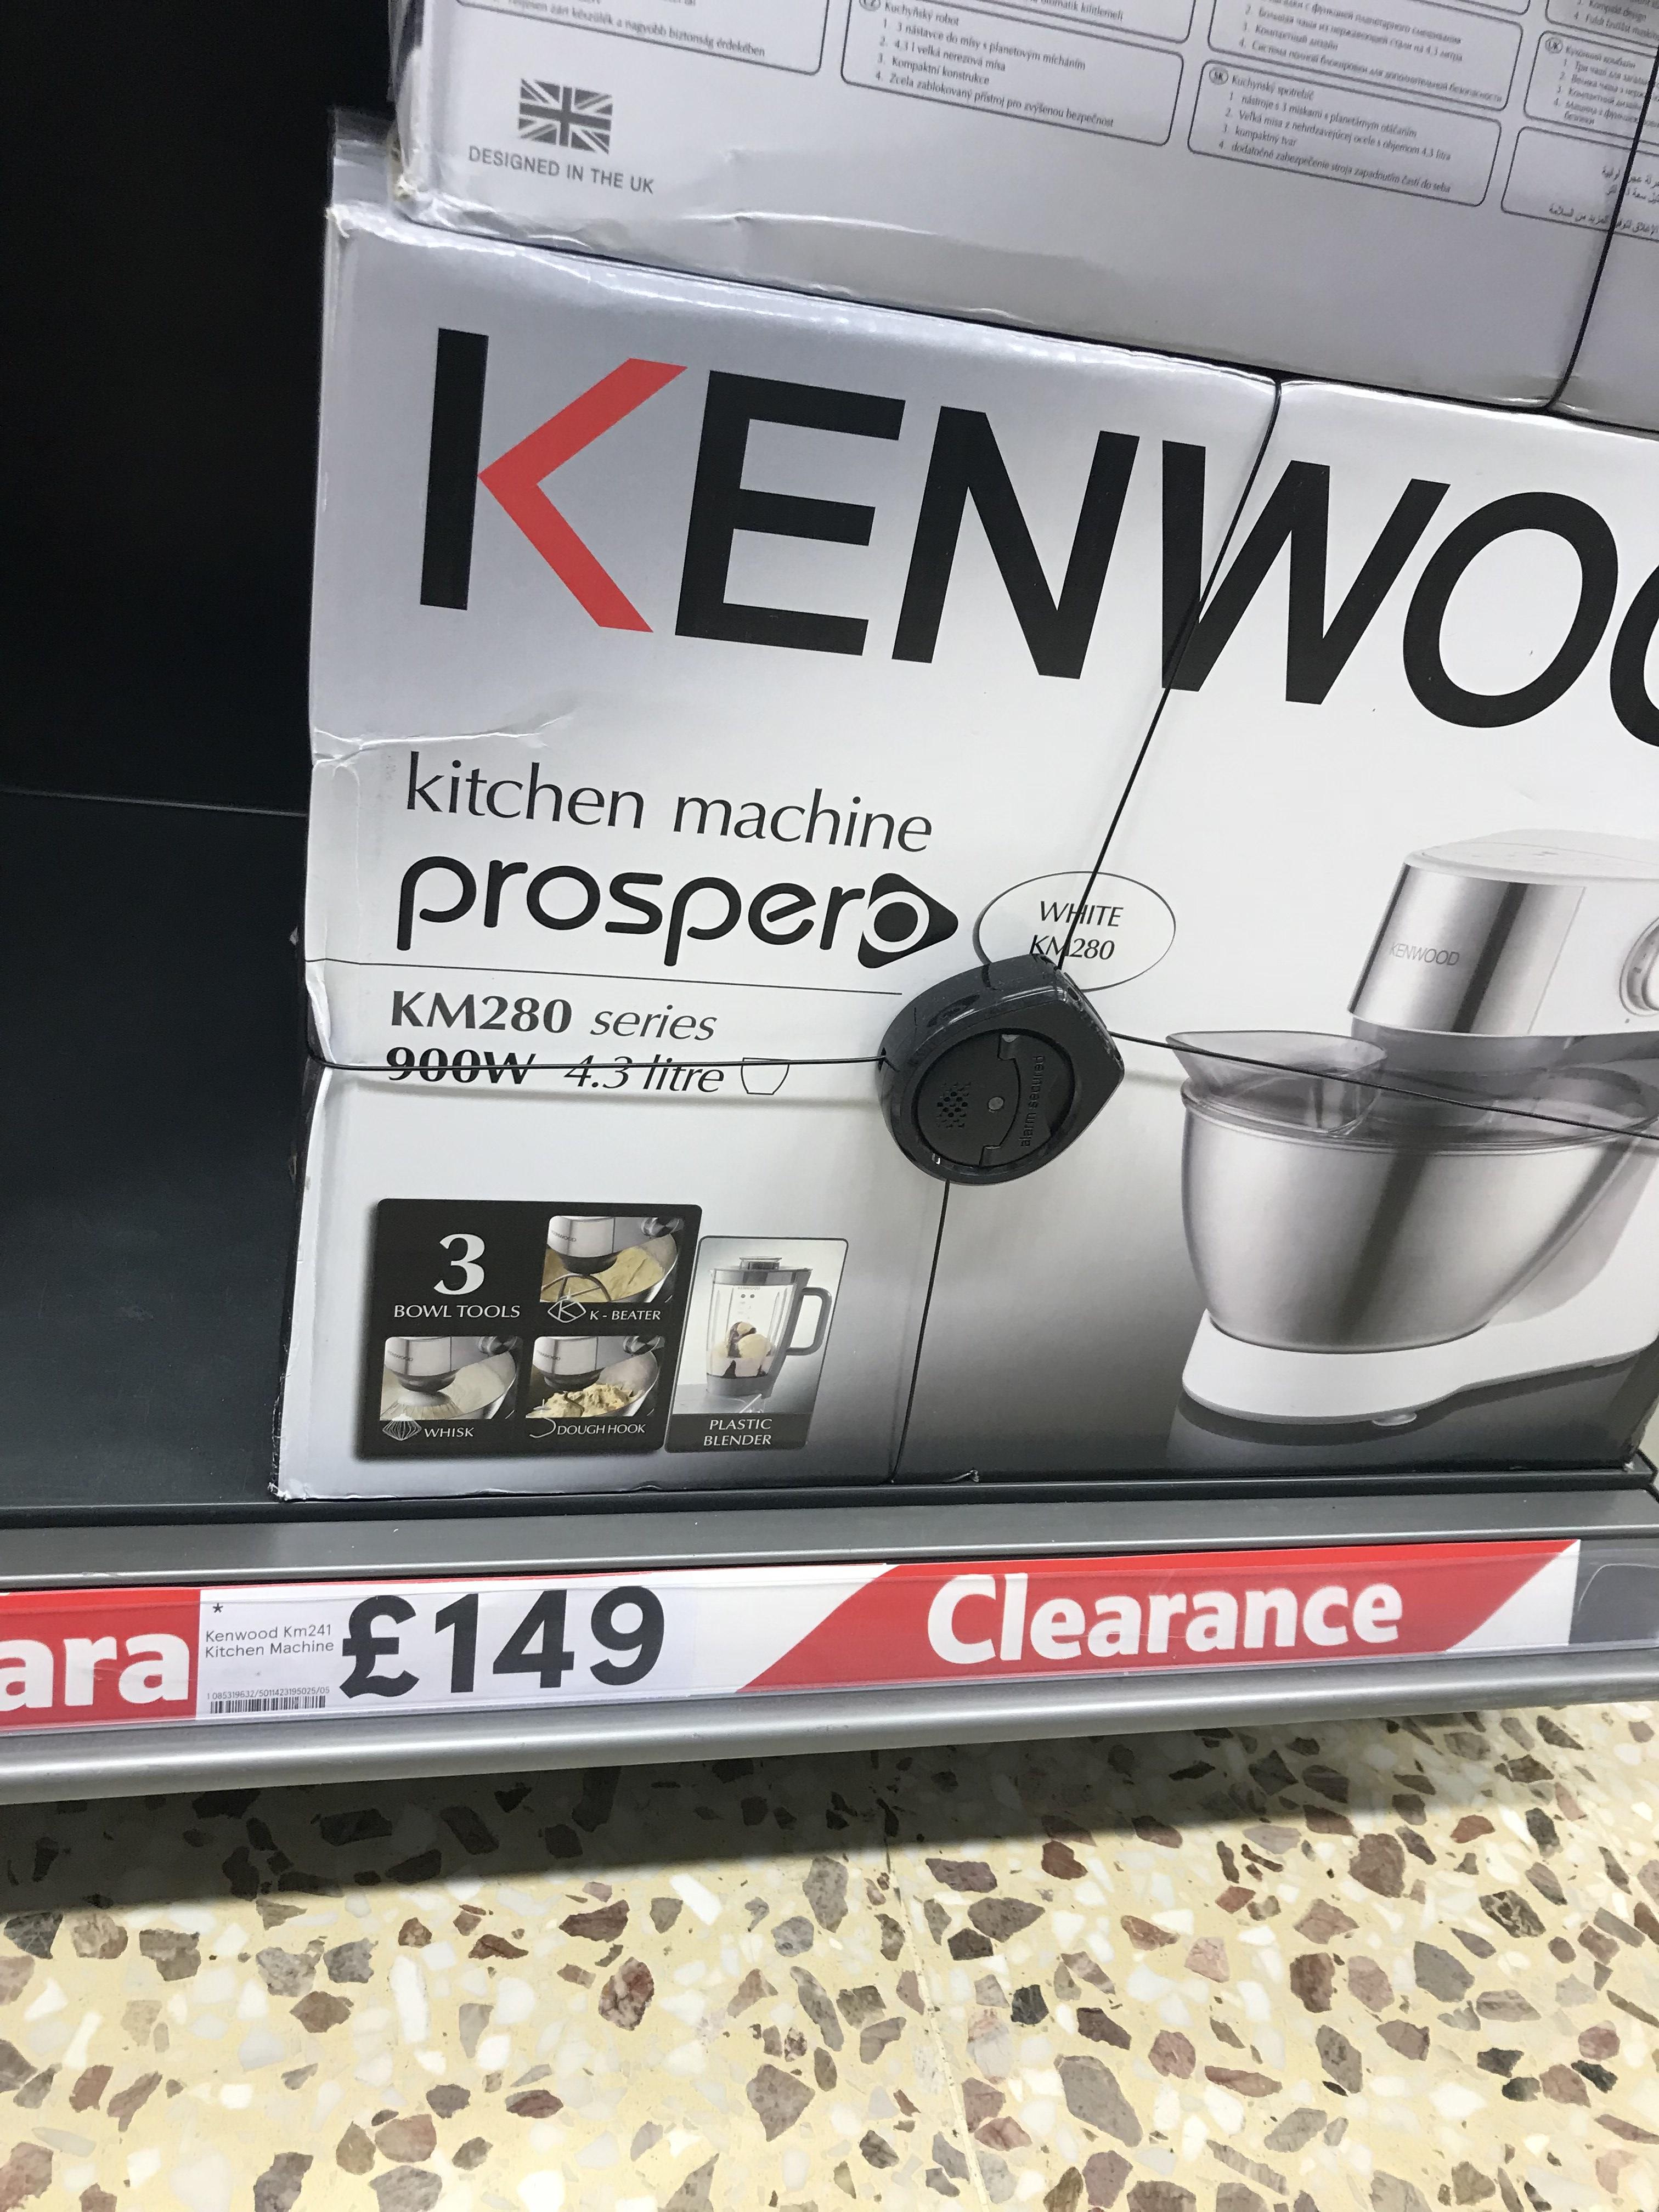 Kenwood prospero machine - £149 instore @ Tesco